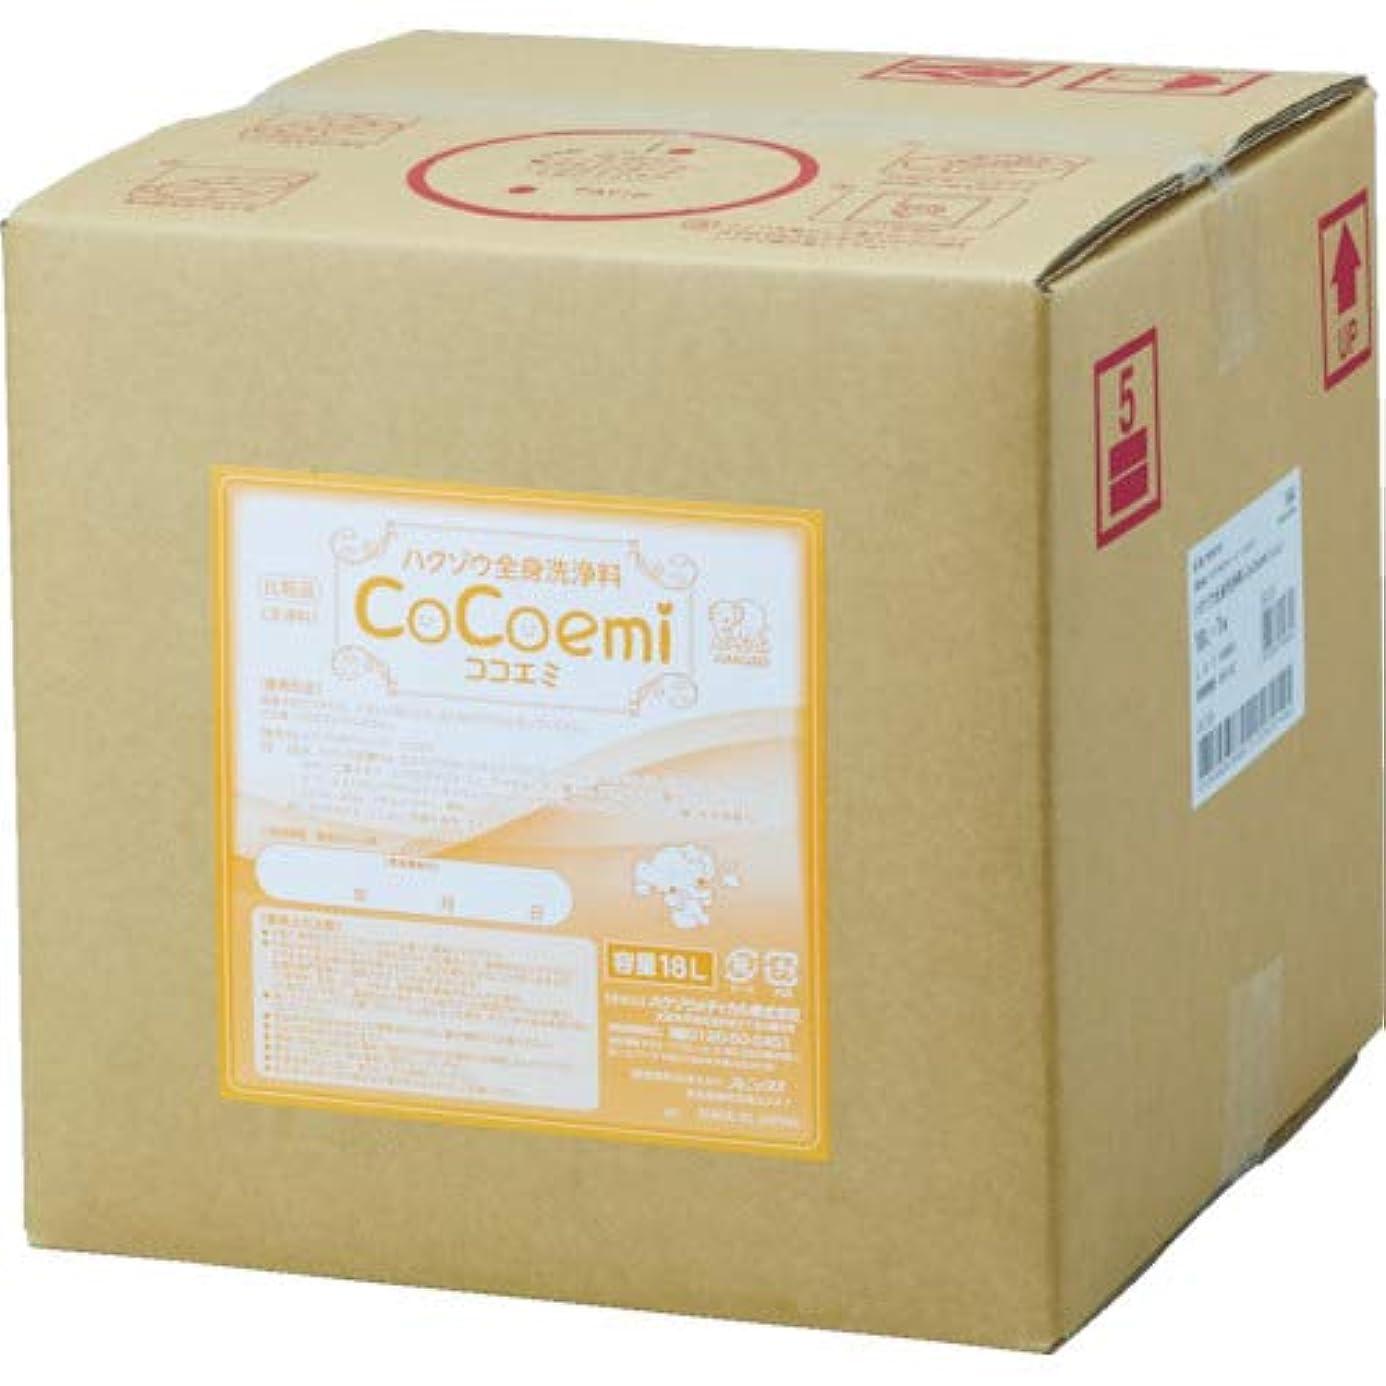 ハクゾウメディカル ハクゾウ全身洗浄料CoCoemi(ココエミ) 18L 3009018